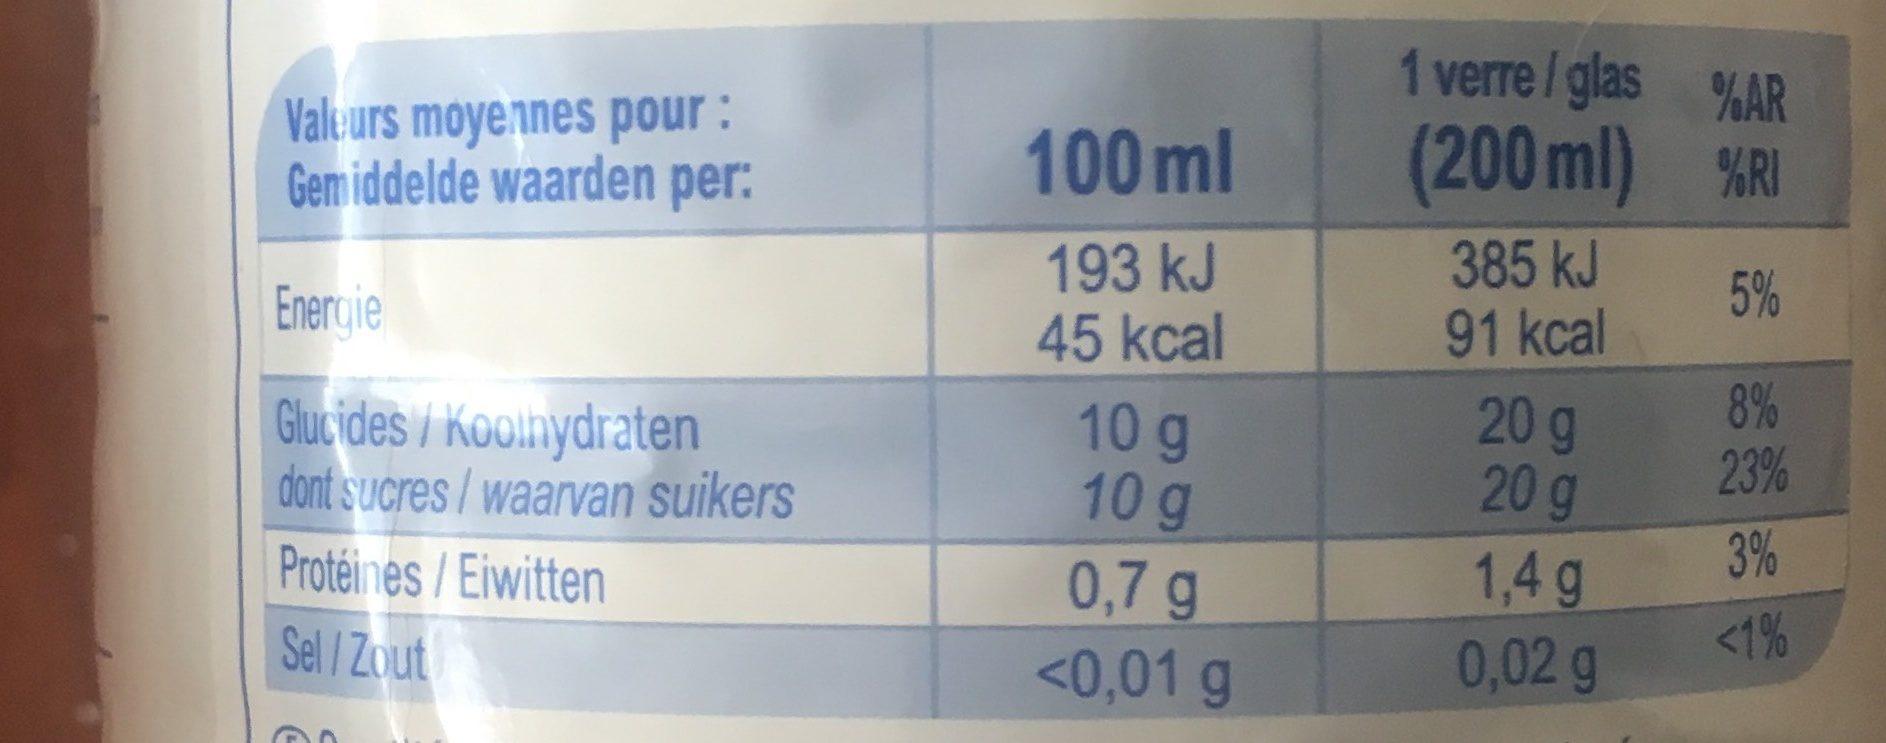 Orange100% Fruit Pressé - Voedingswaarden